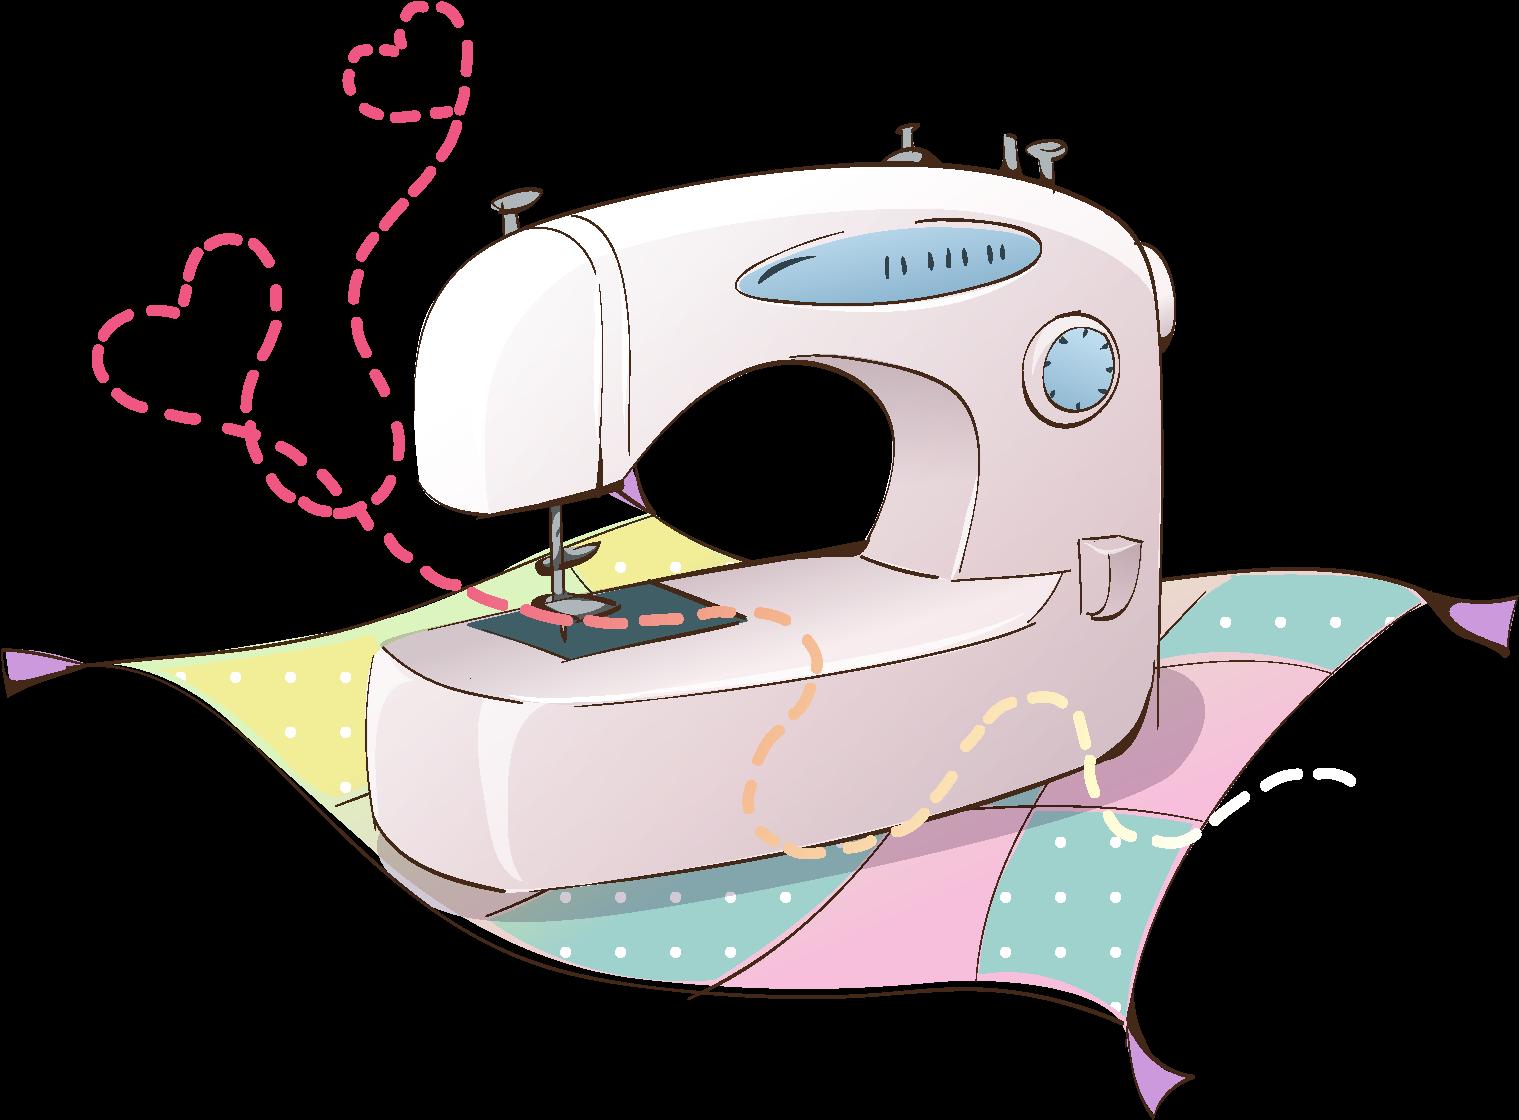 она картинки для швейной машинки всего используется при